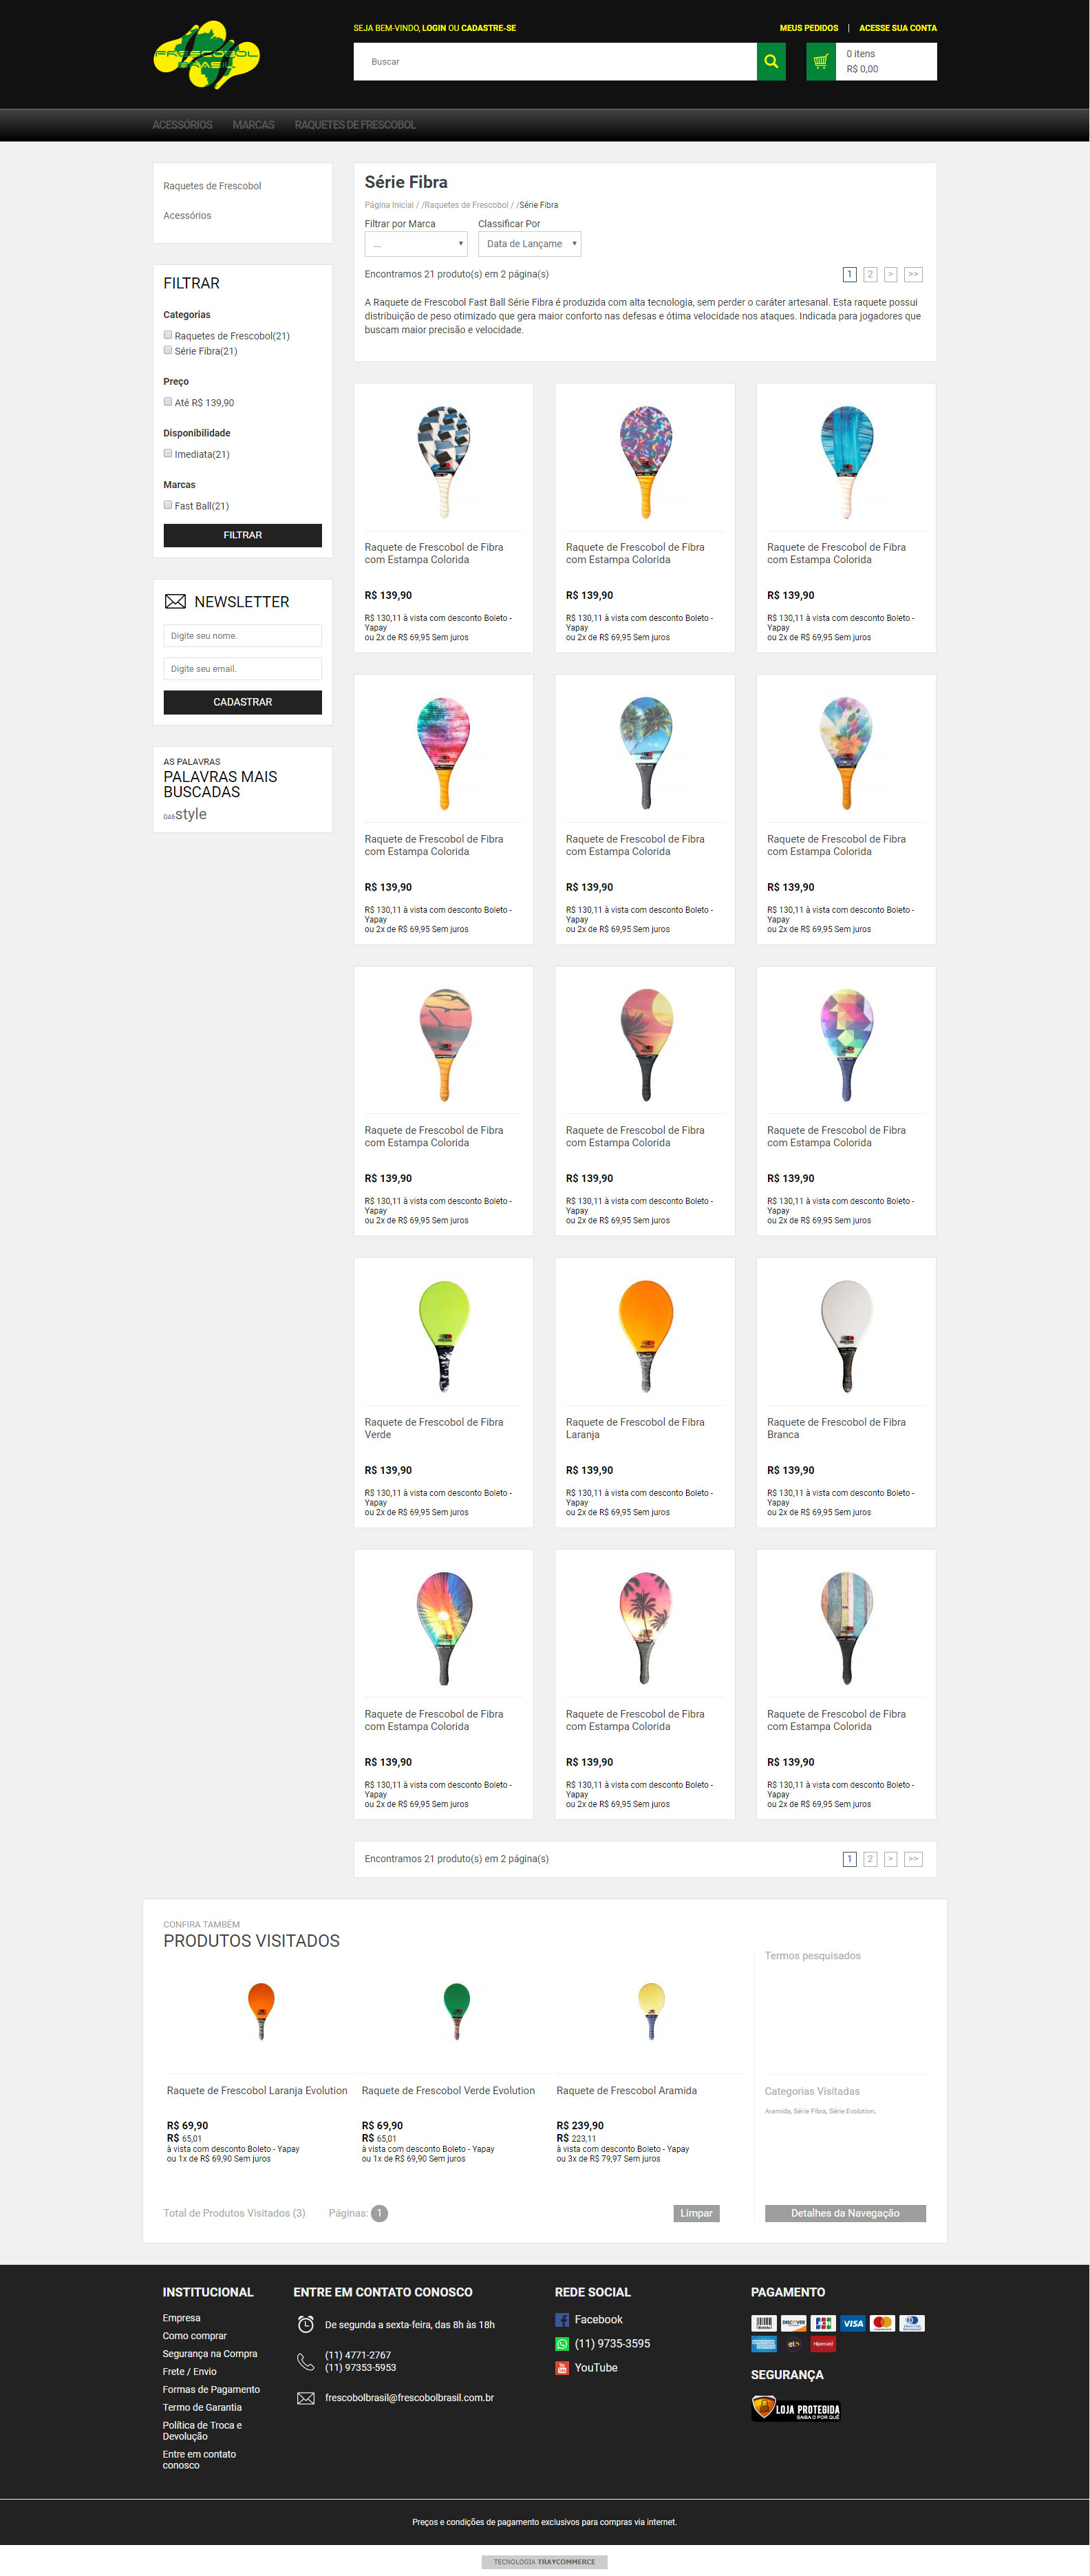 Loja Virtual - E-Commerce - Venda de Raquetes de Frescobol Fast Ball - Frescobol Brasil - Lista de Produtos